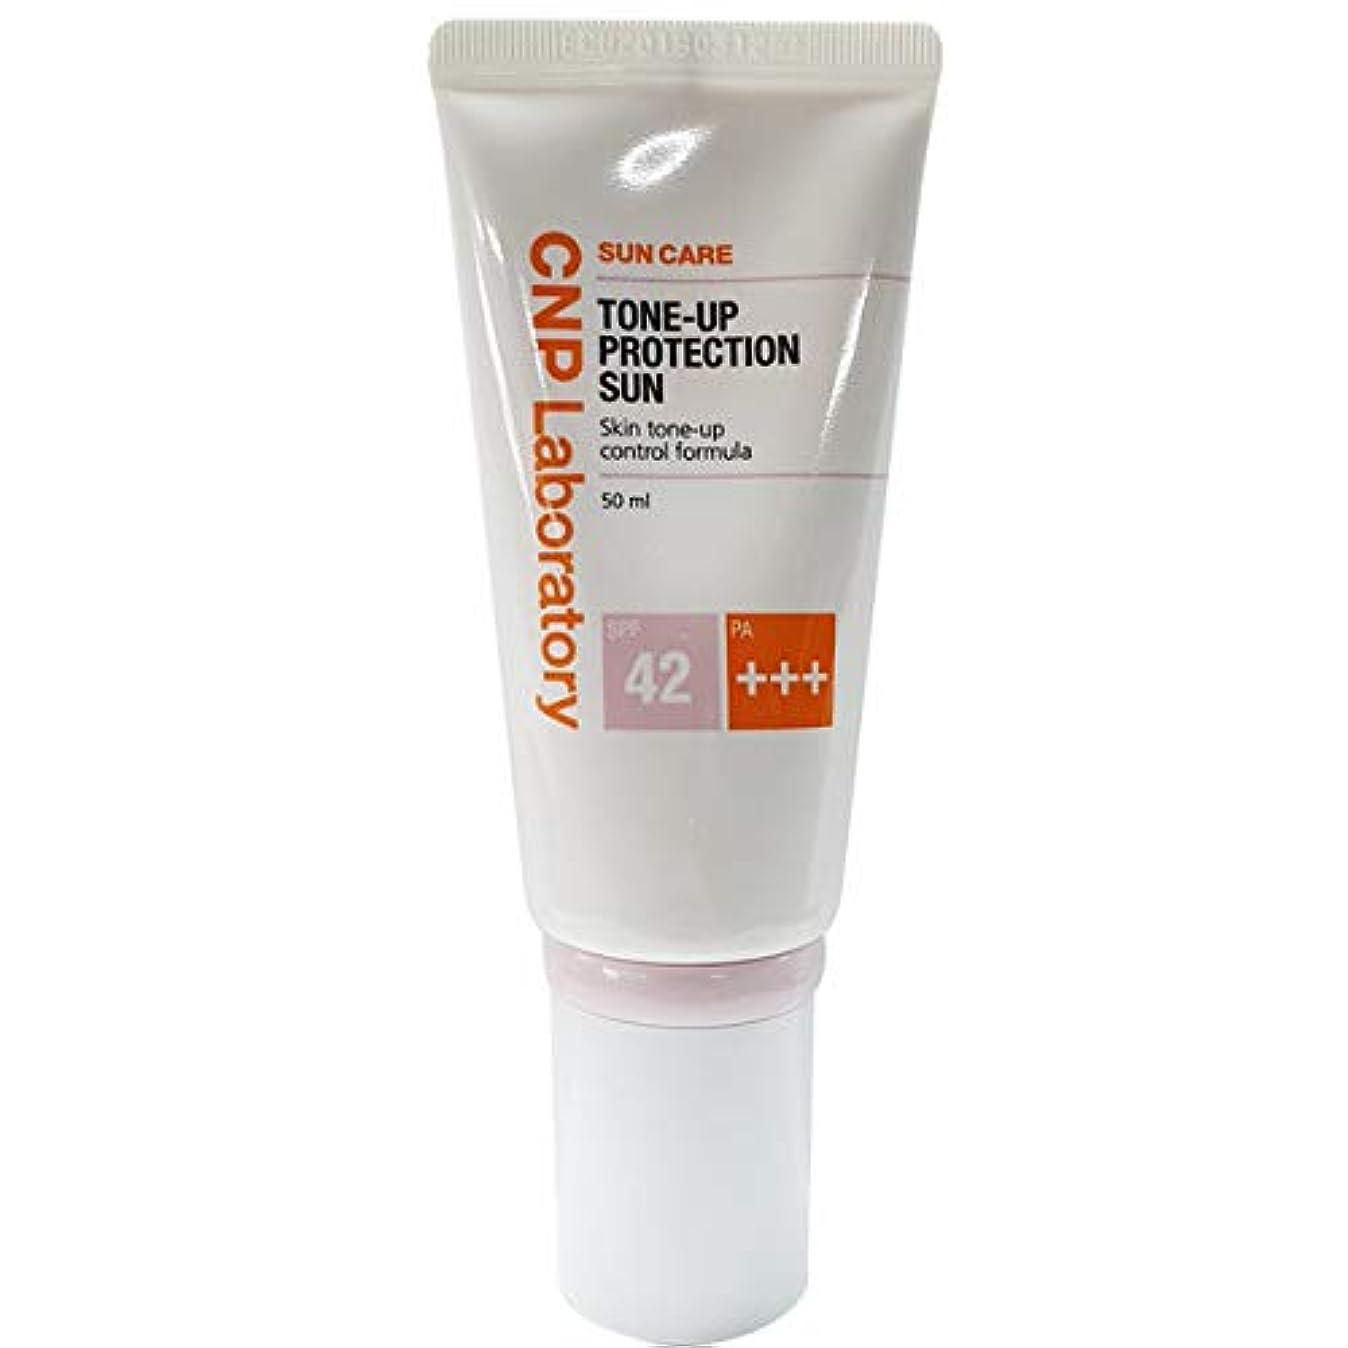 同意また明日ねバイソンCNP チャアンドパク トンオププロテクションサン?クリーム紫外線遮断剤 50ml (SPF42 / PA+++)、2019 NEW, CNP Tone-up Protection Sun Cream/韓国日焼け止め